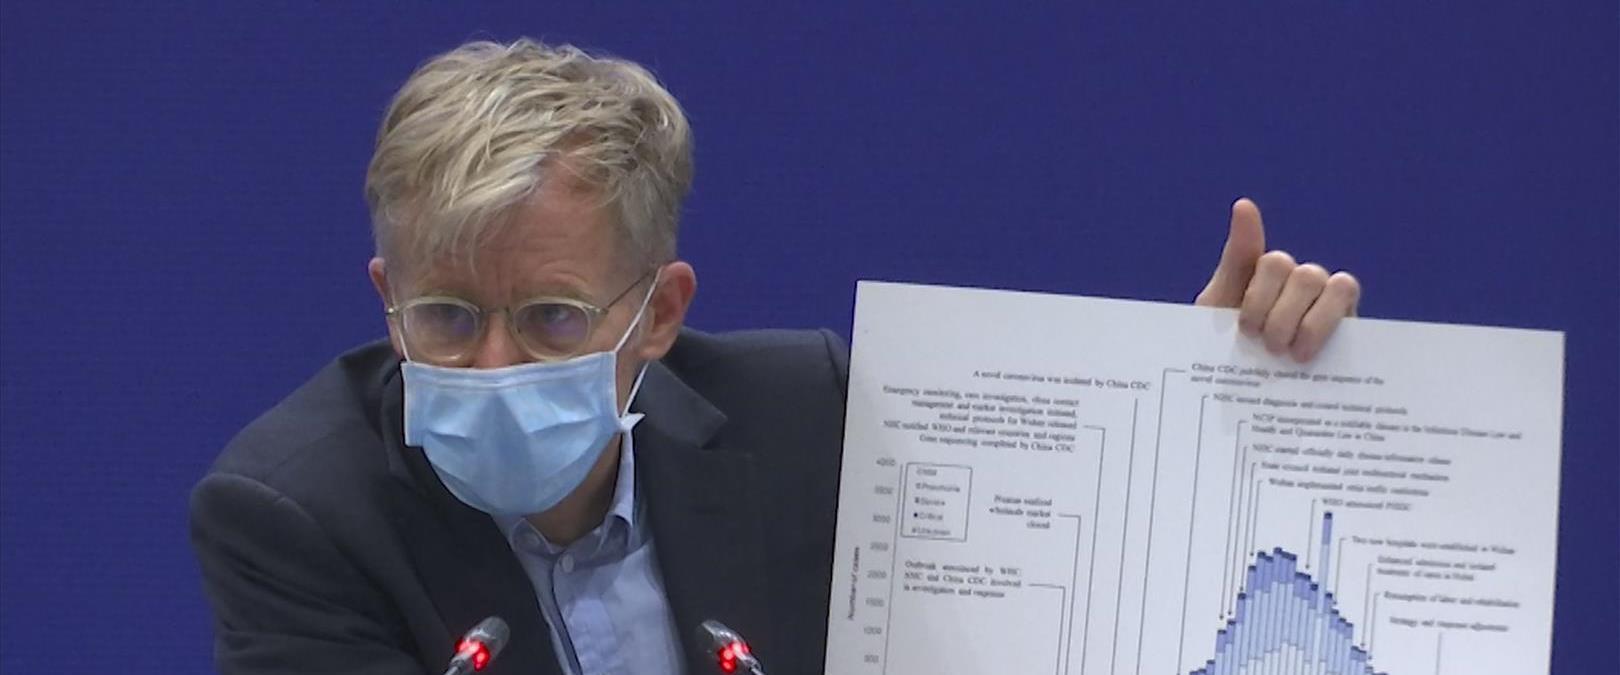 """ד""""ר ברוס איילווארד, המשנה ליו""""ר ארגון הבריאות העול"""